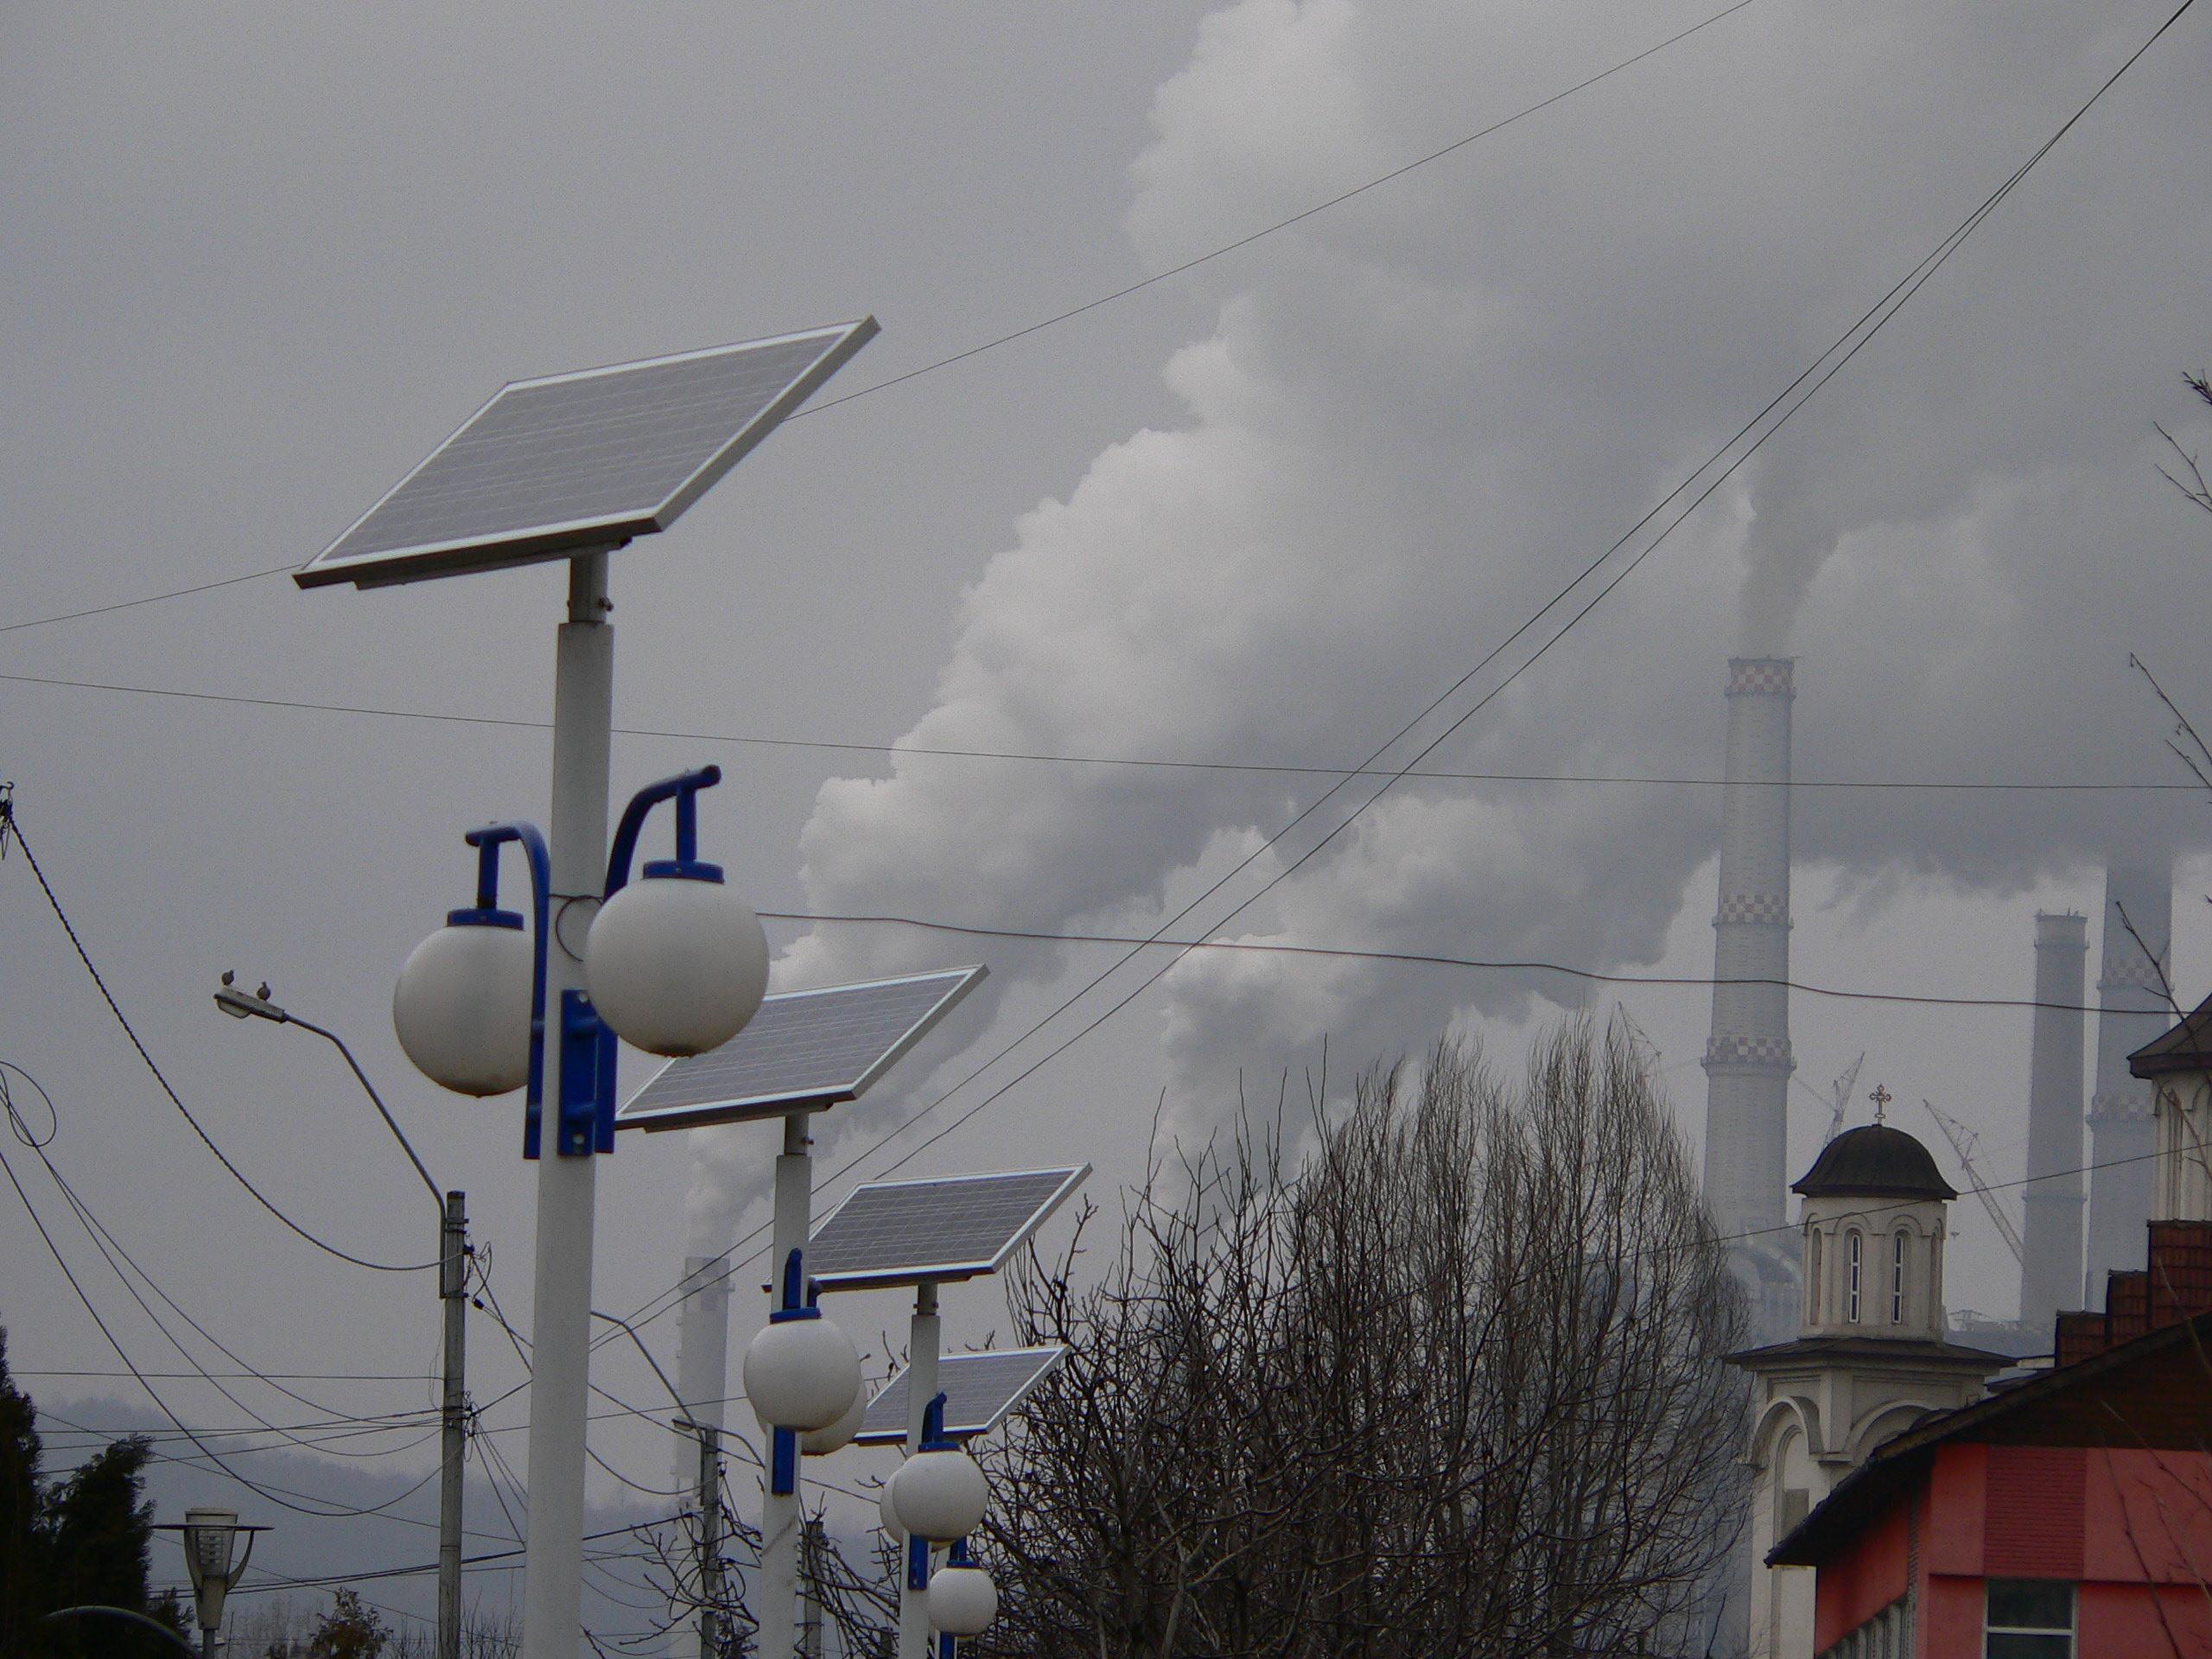 Un pas înapoi pentru Fondul pentru tranziție justă: europarlamentarii au votat pentru finanțarea gazului natural